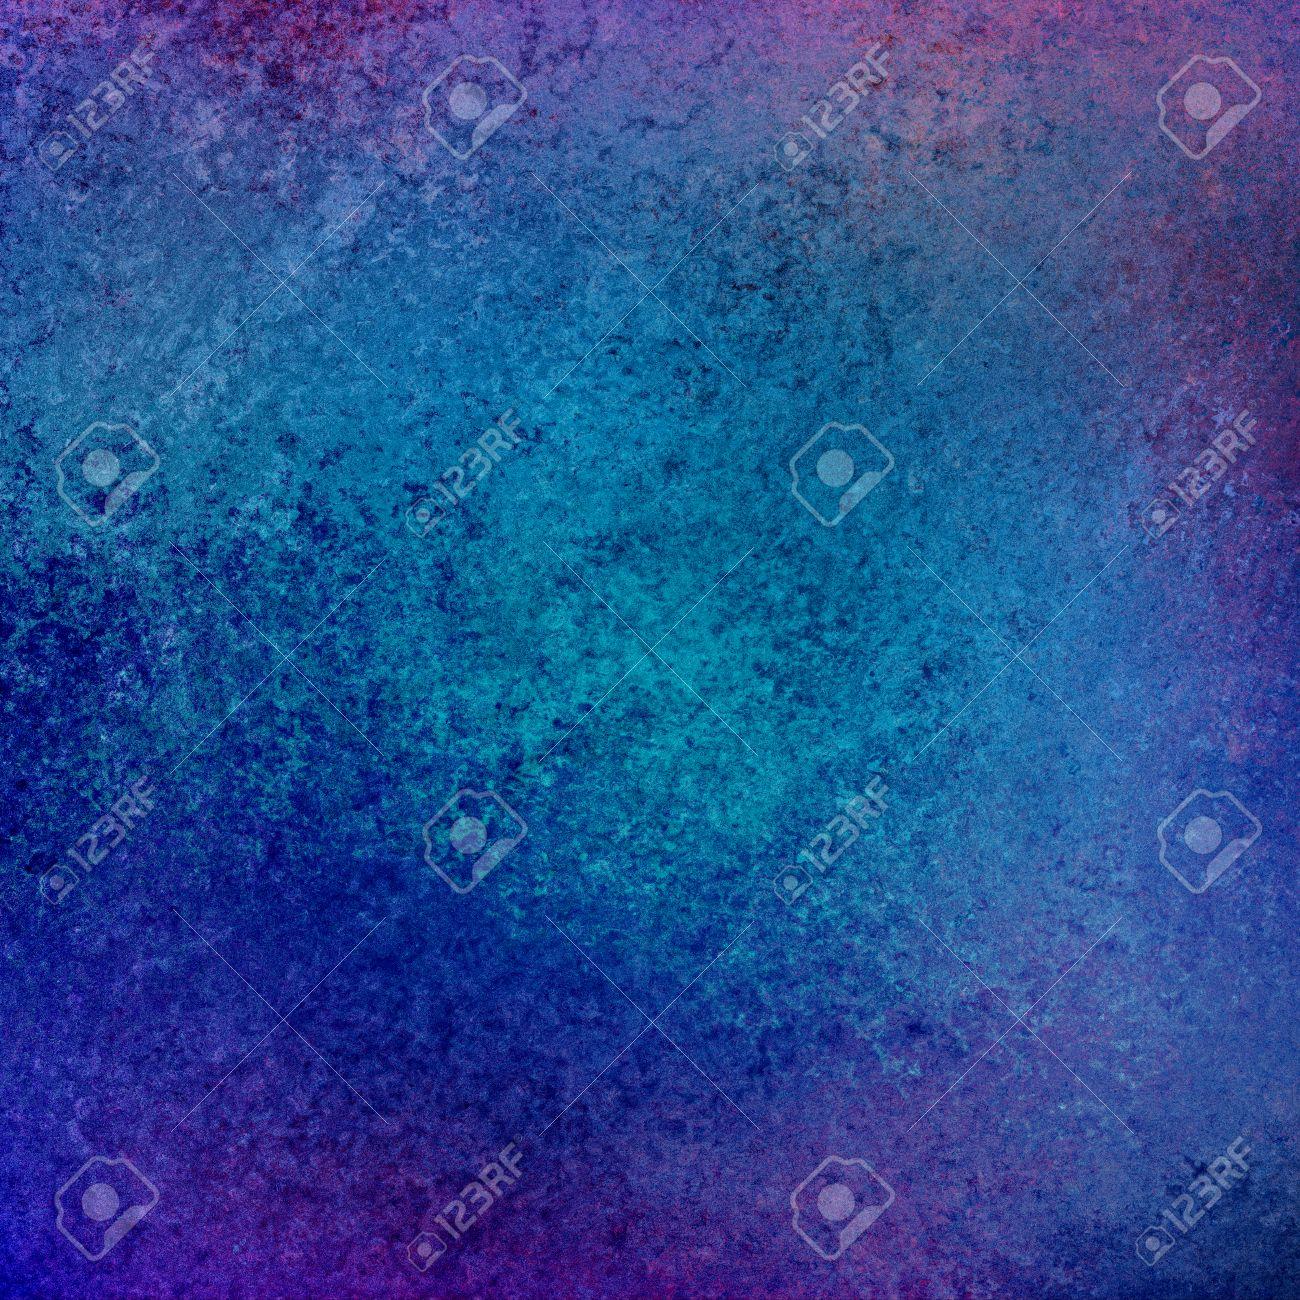 Cielo Sfondo Blu Rosa Bianco Intenso Zaffiro Tonalit Di Colore Blu